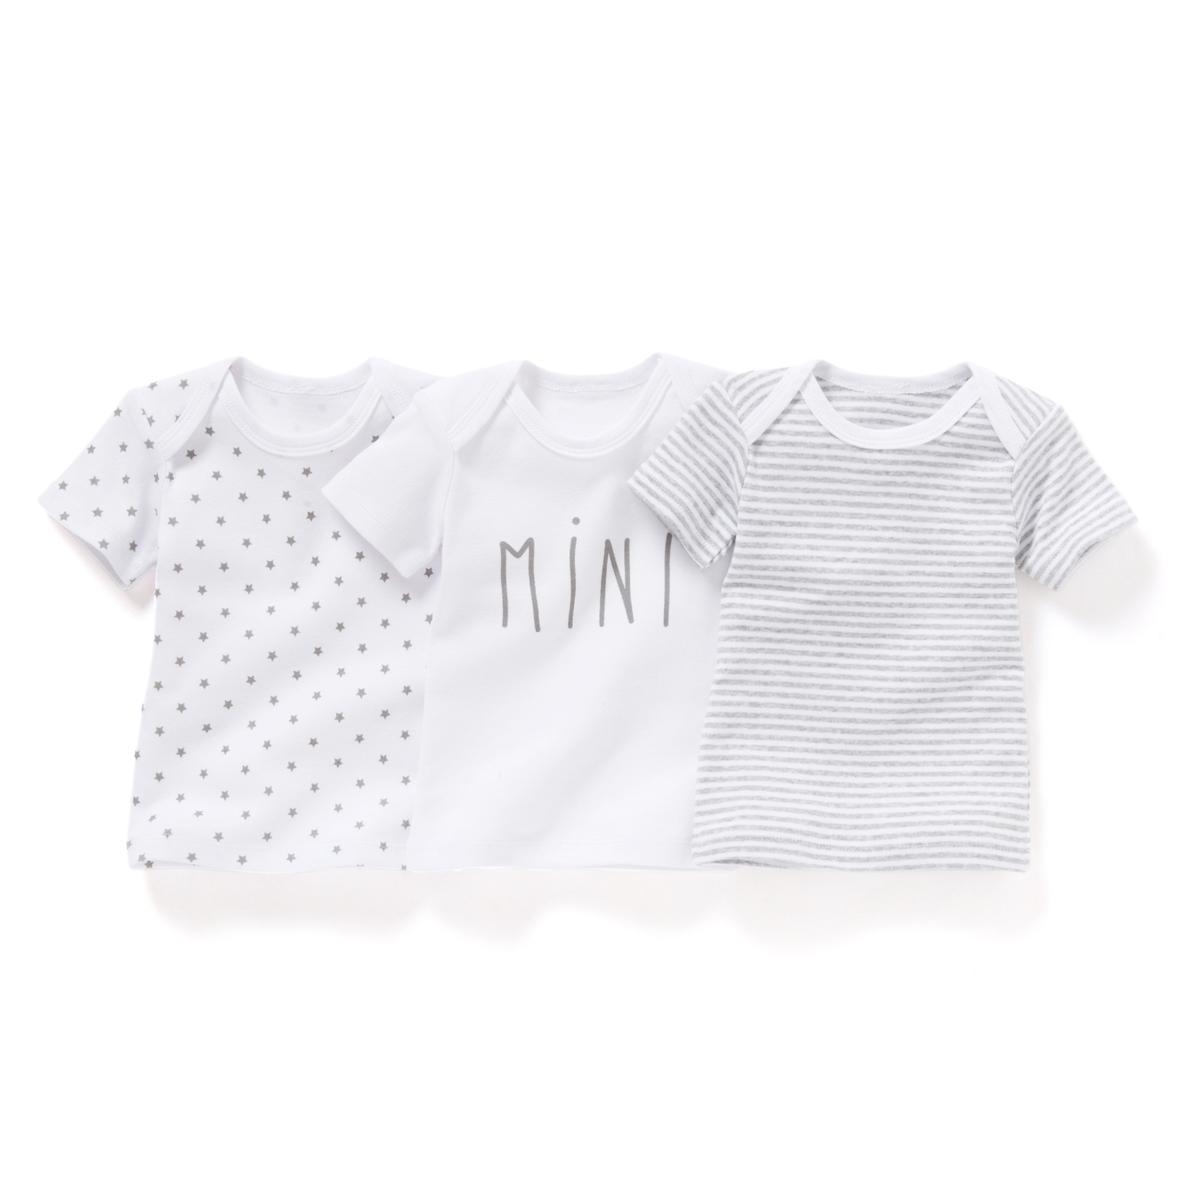 3 футболки хлопковых с рисунком, 0 мес. - 3 лет Oeko Tex от La Redoute